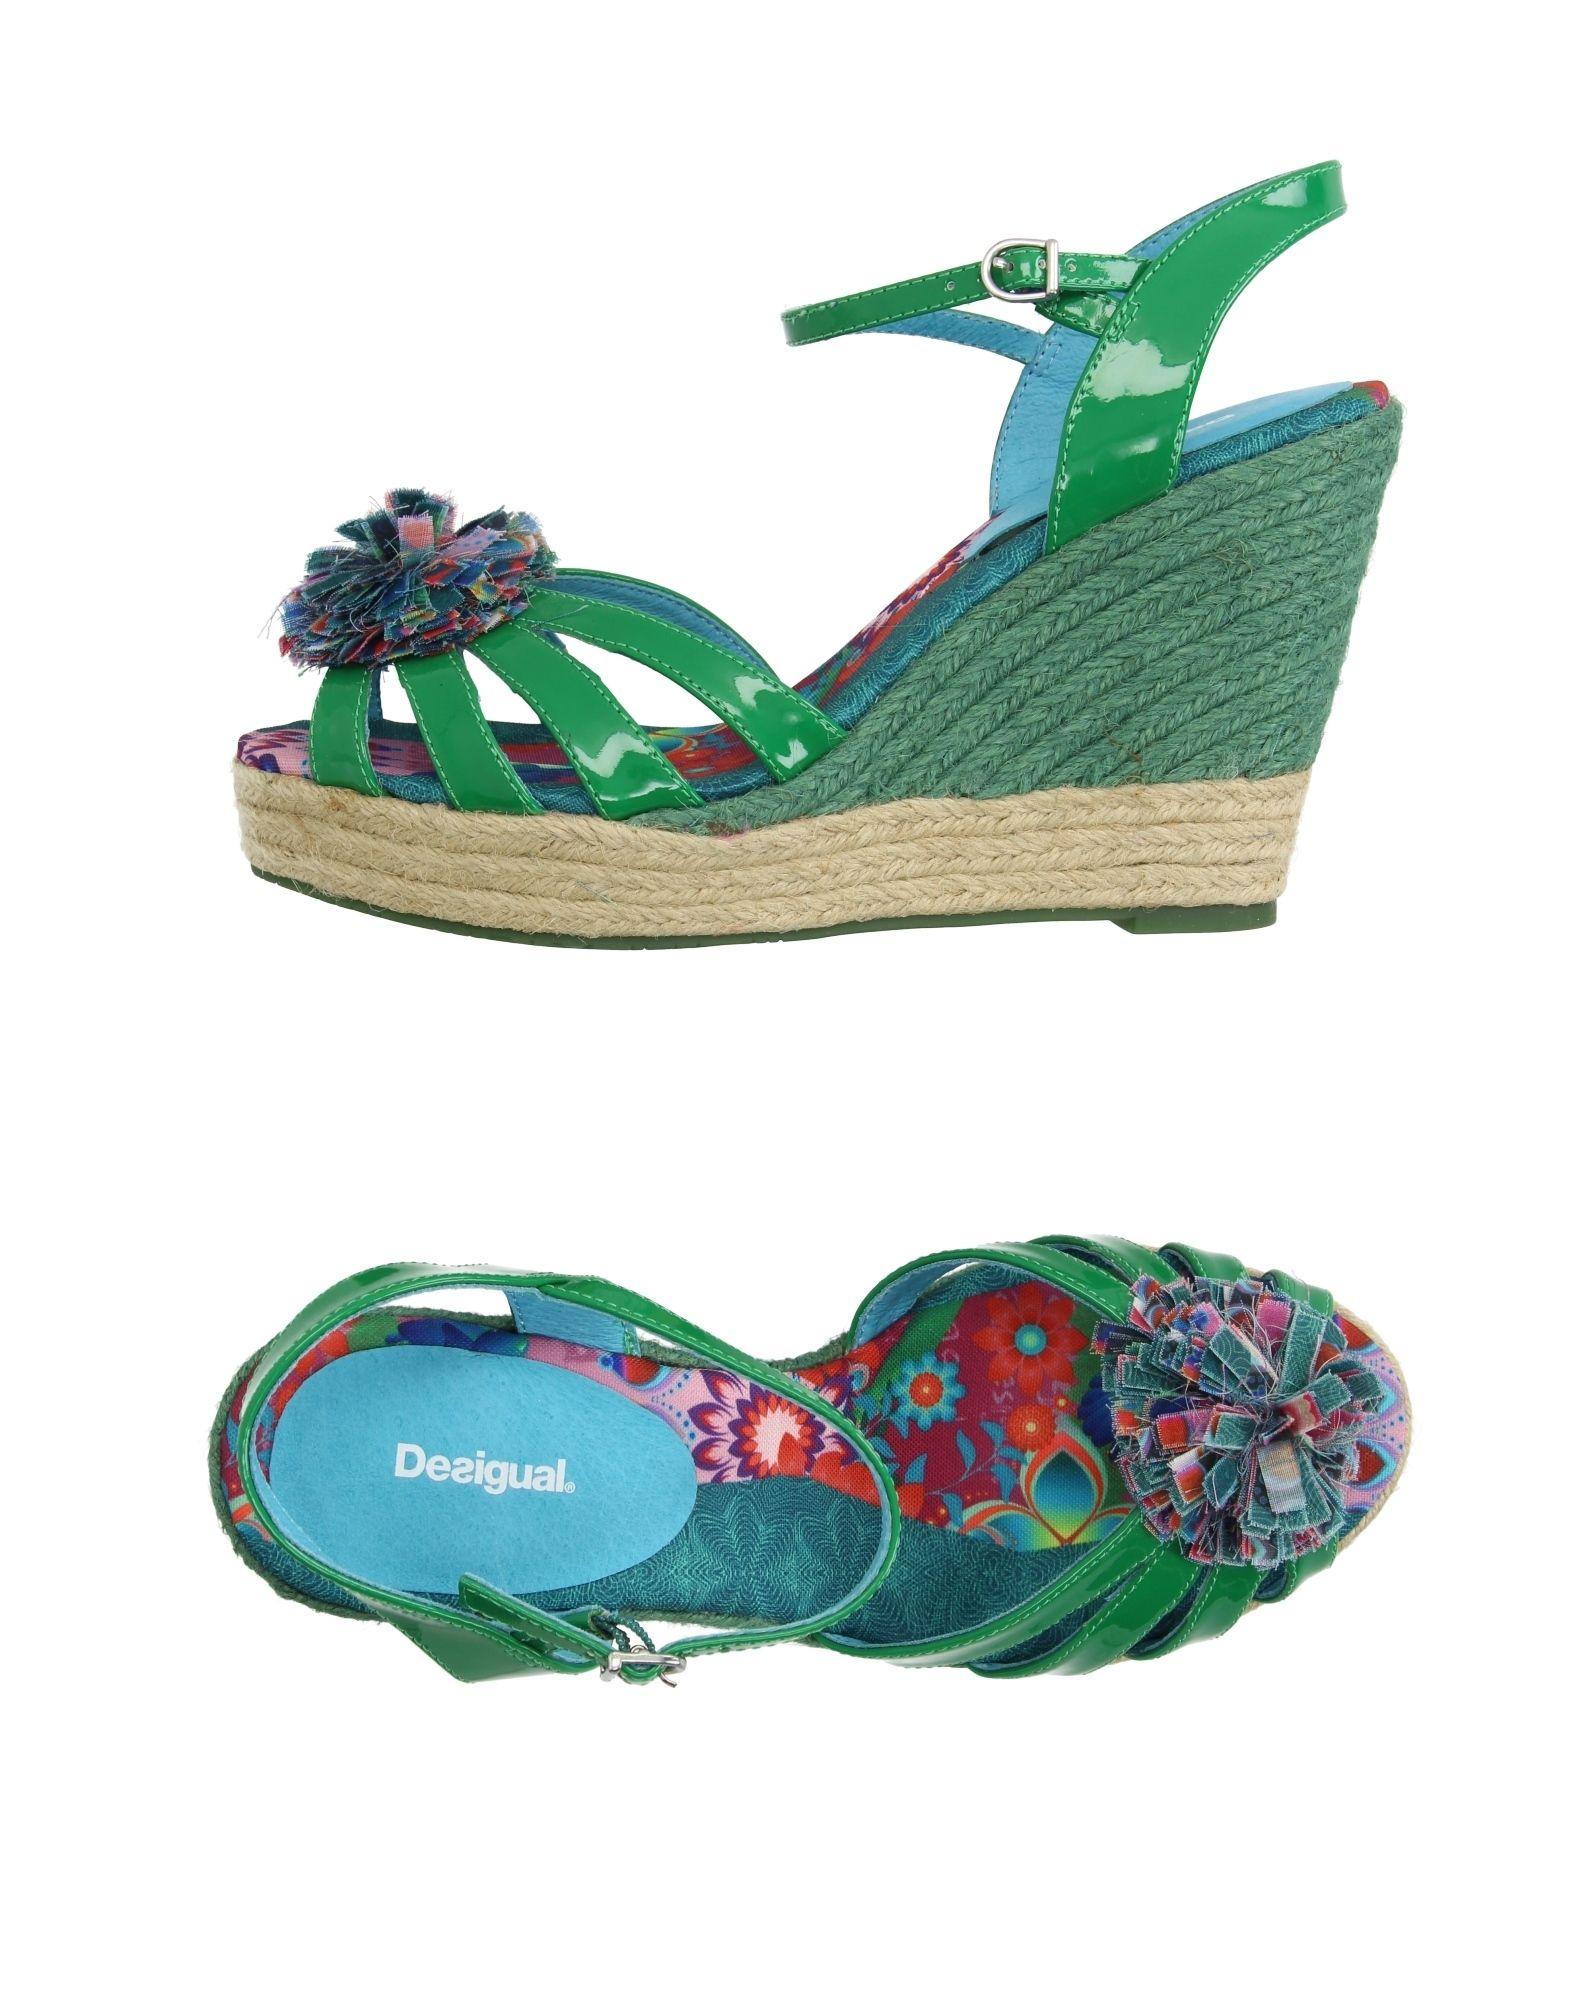 Desigual Espadrilles Damen 11185865TW Schuhe Gute Qualität beliebte Schuhe 11185865TW af6246